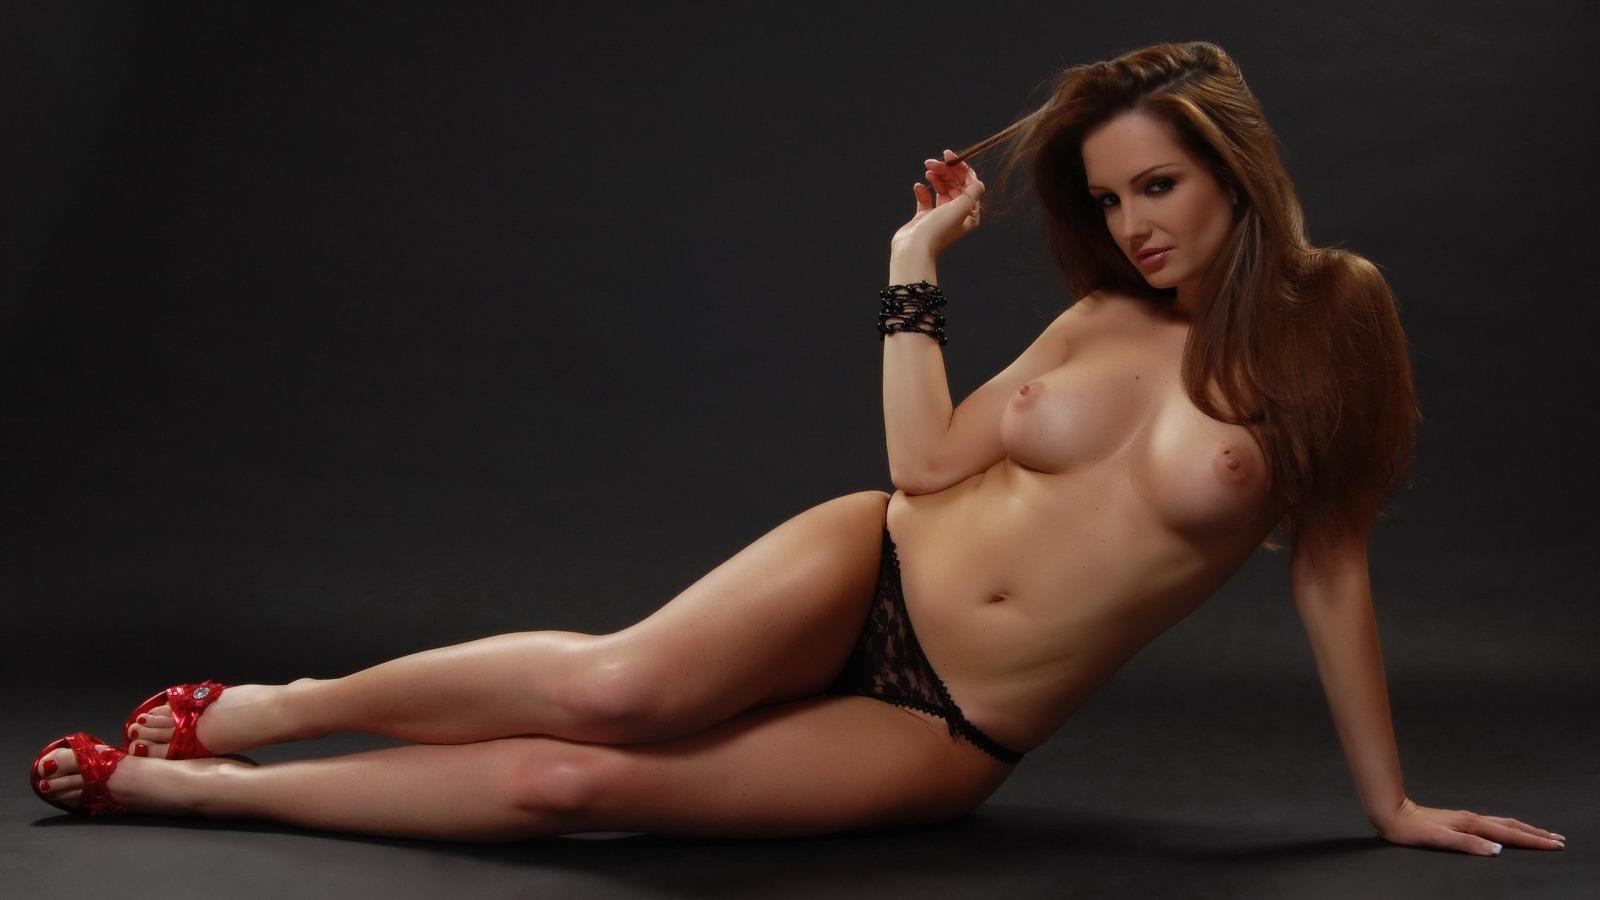 Секс грудь посмотреть 3 фотография